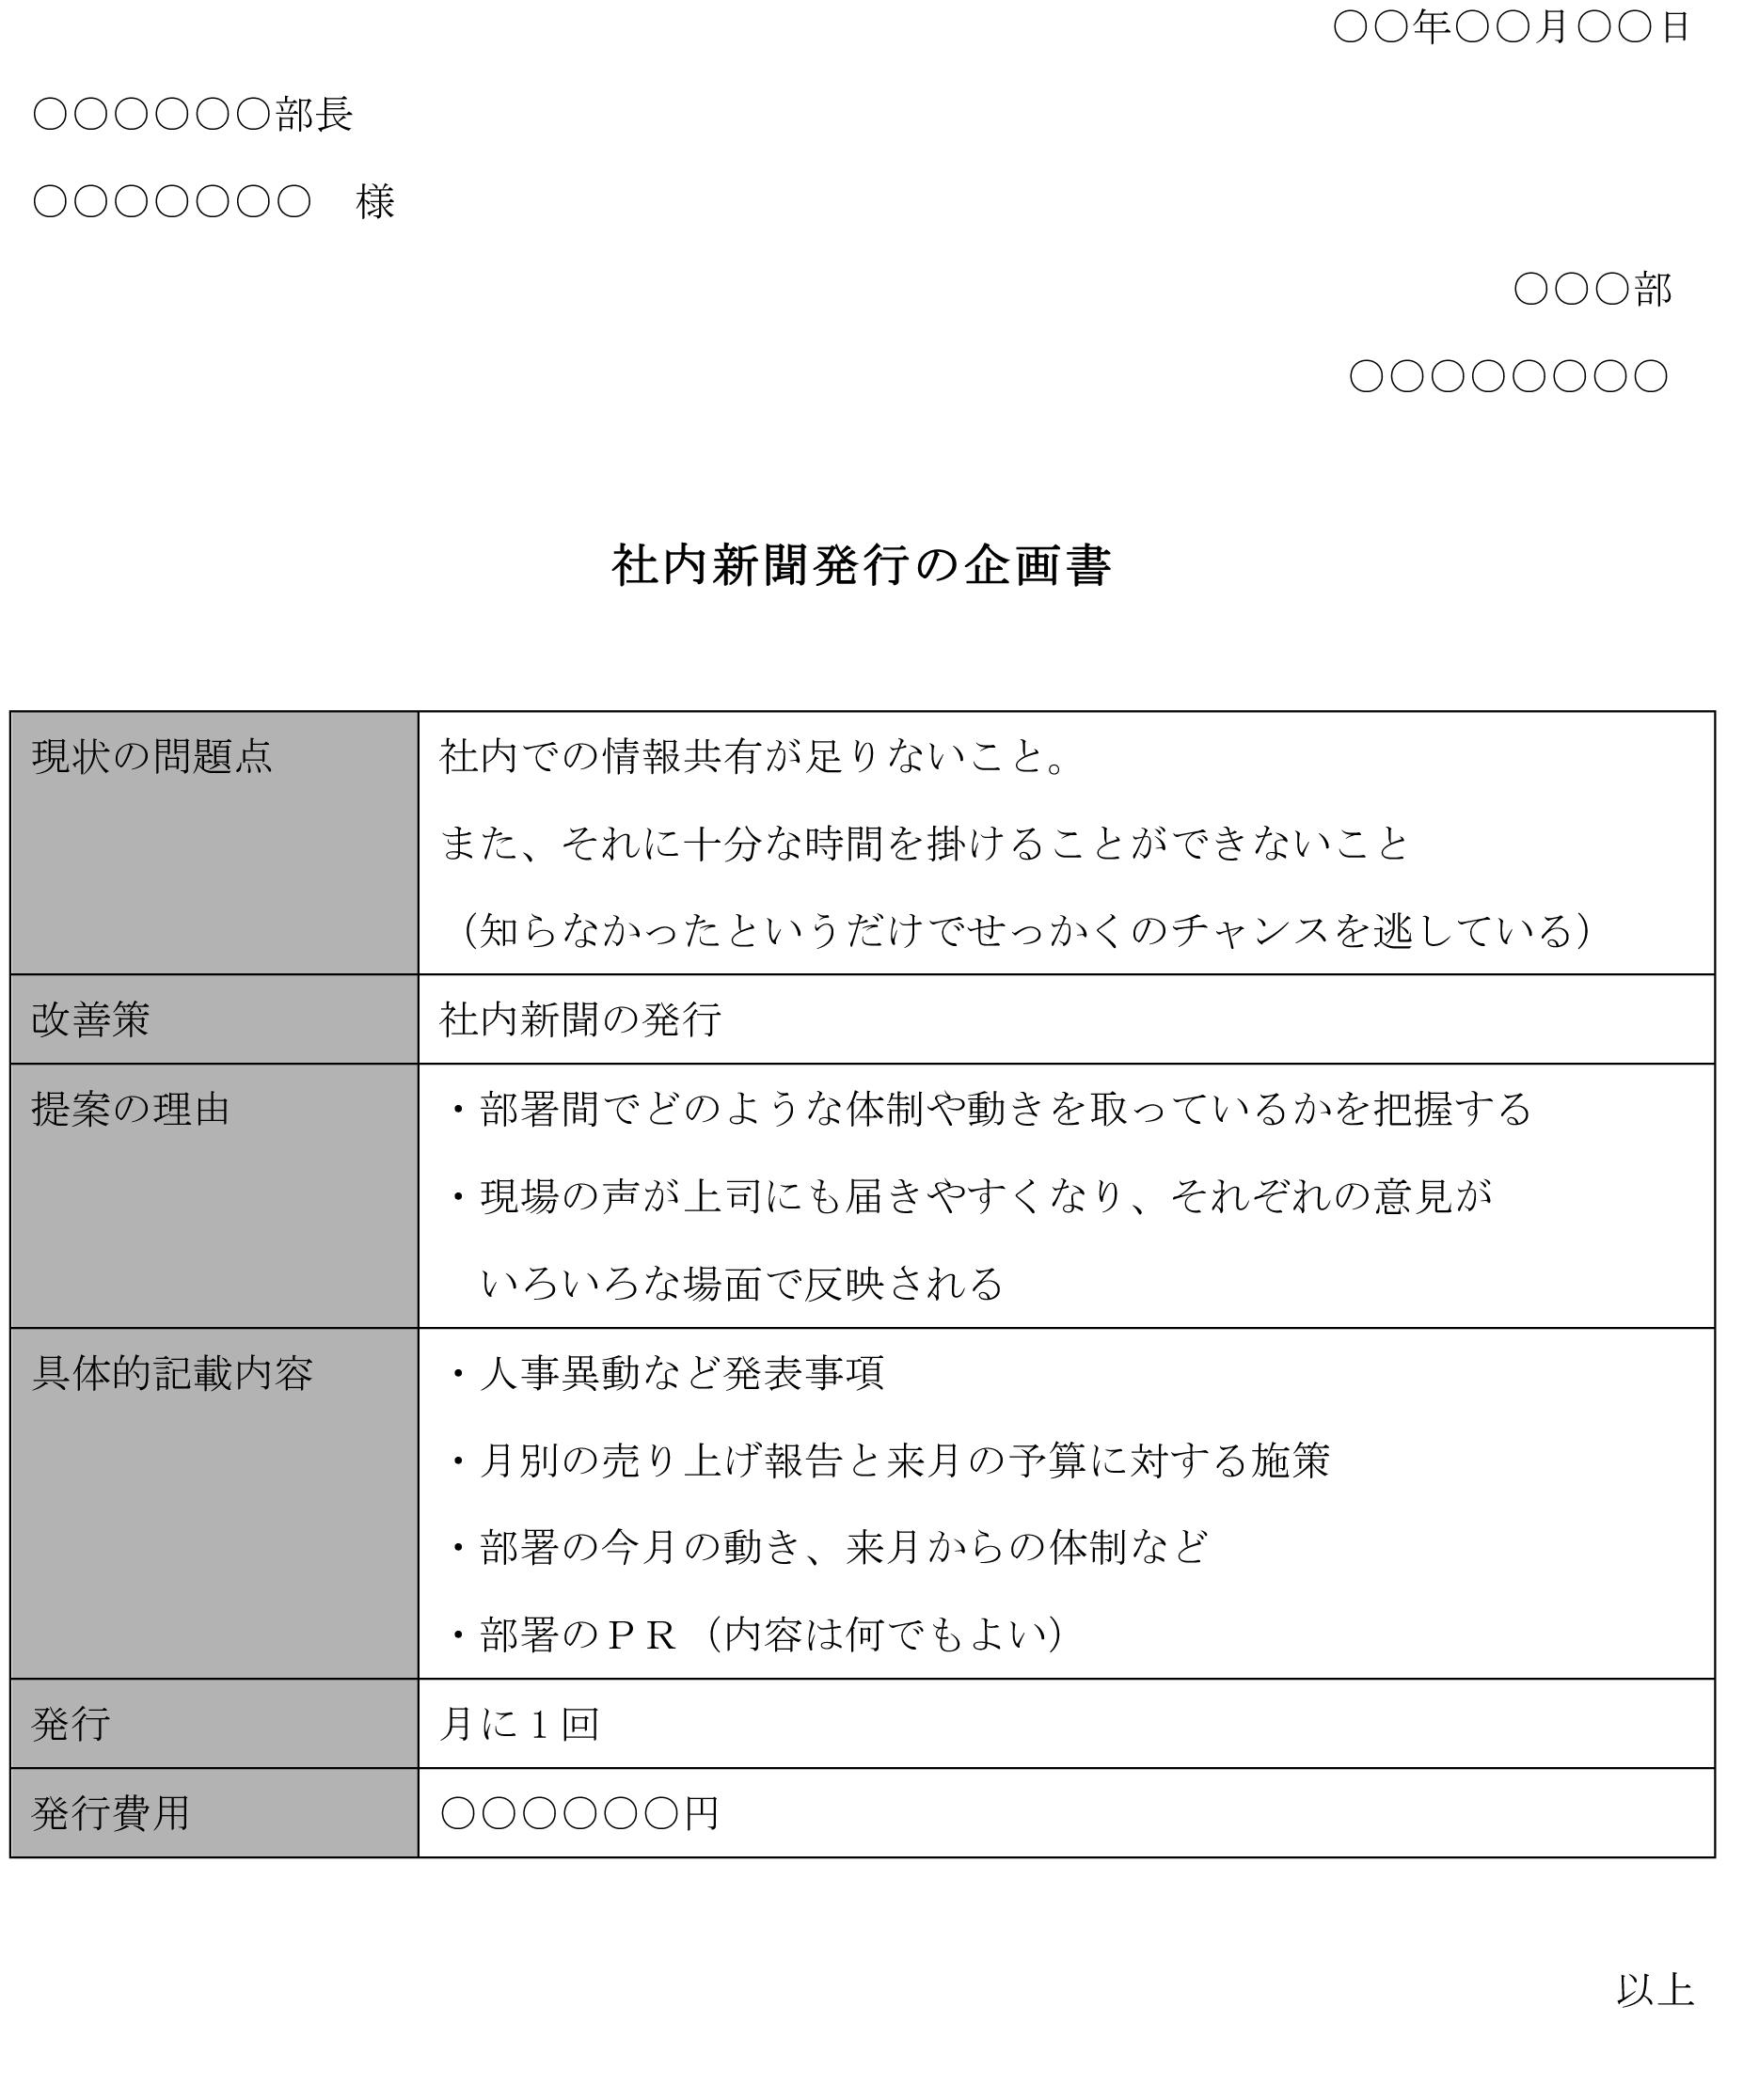 企画書(社内新聞発行)